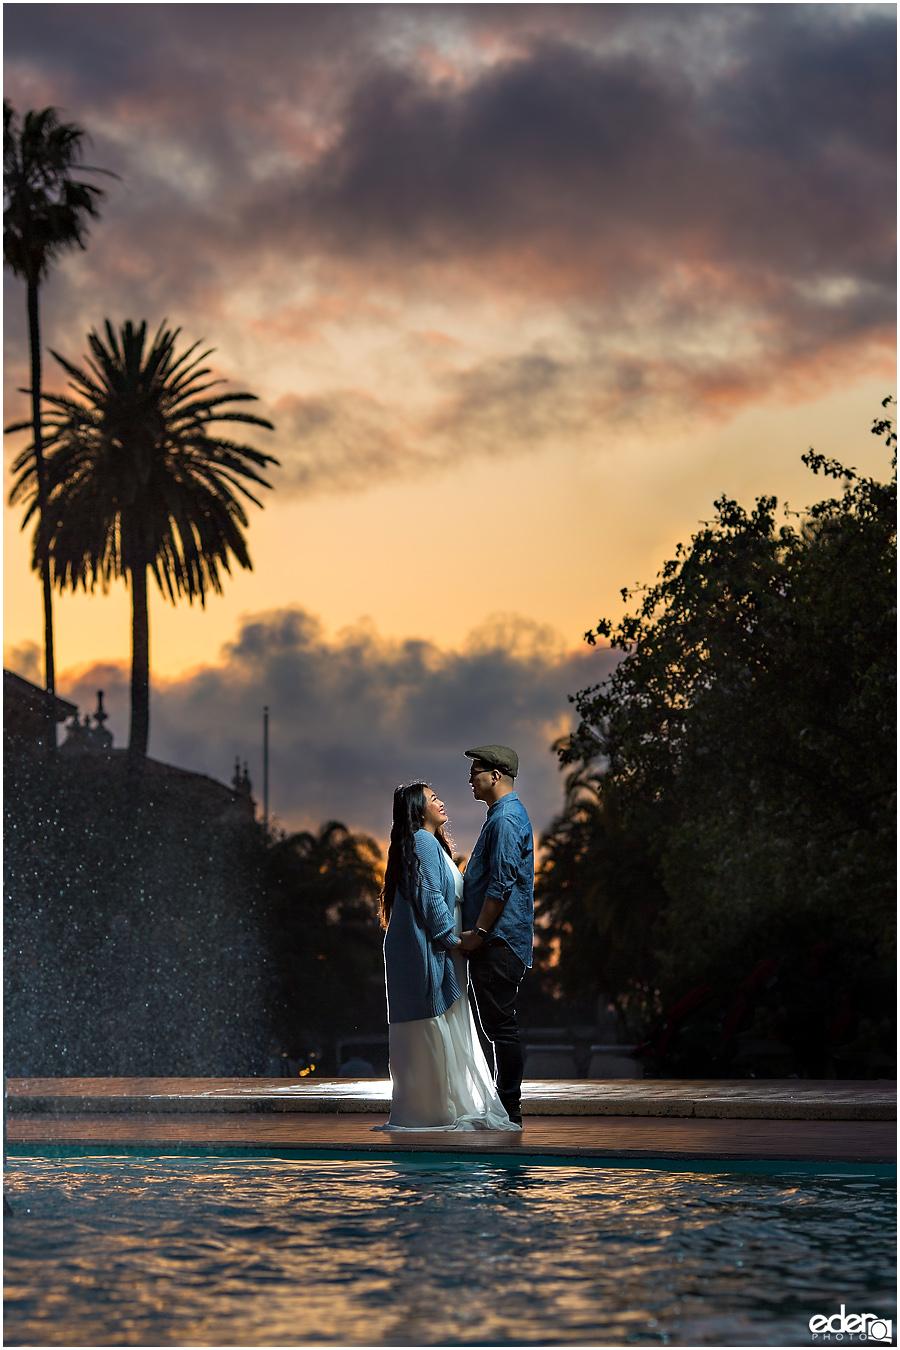 Balboa Park sunset engagement session